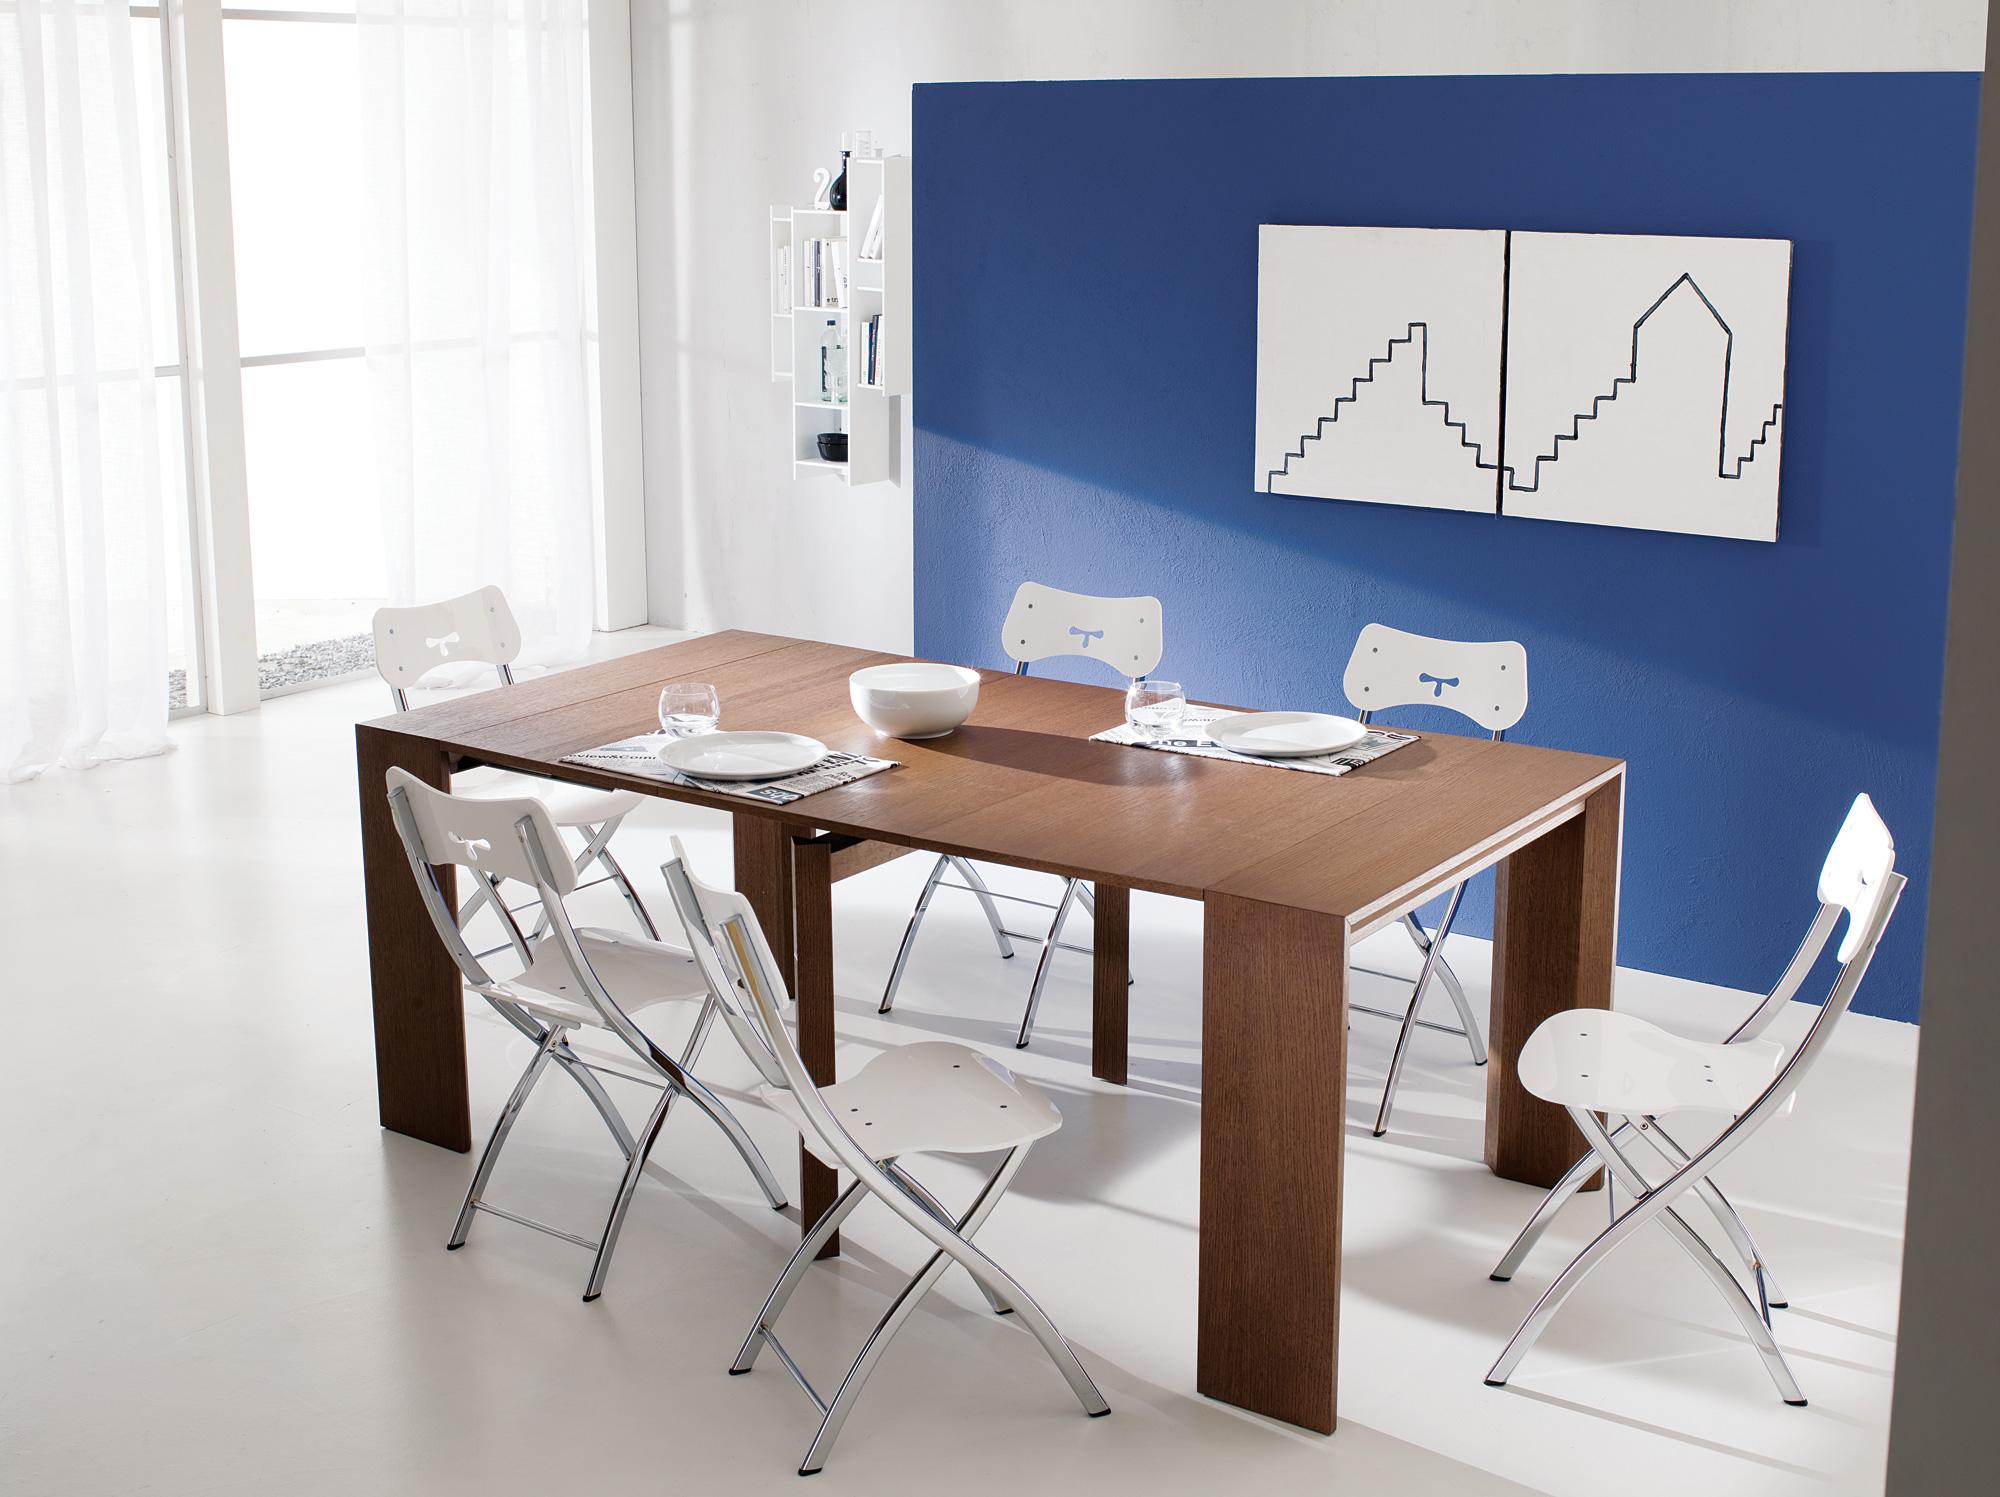 Ozzio Design Golia.Ozzio Design T035 Golia